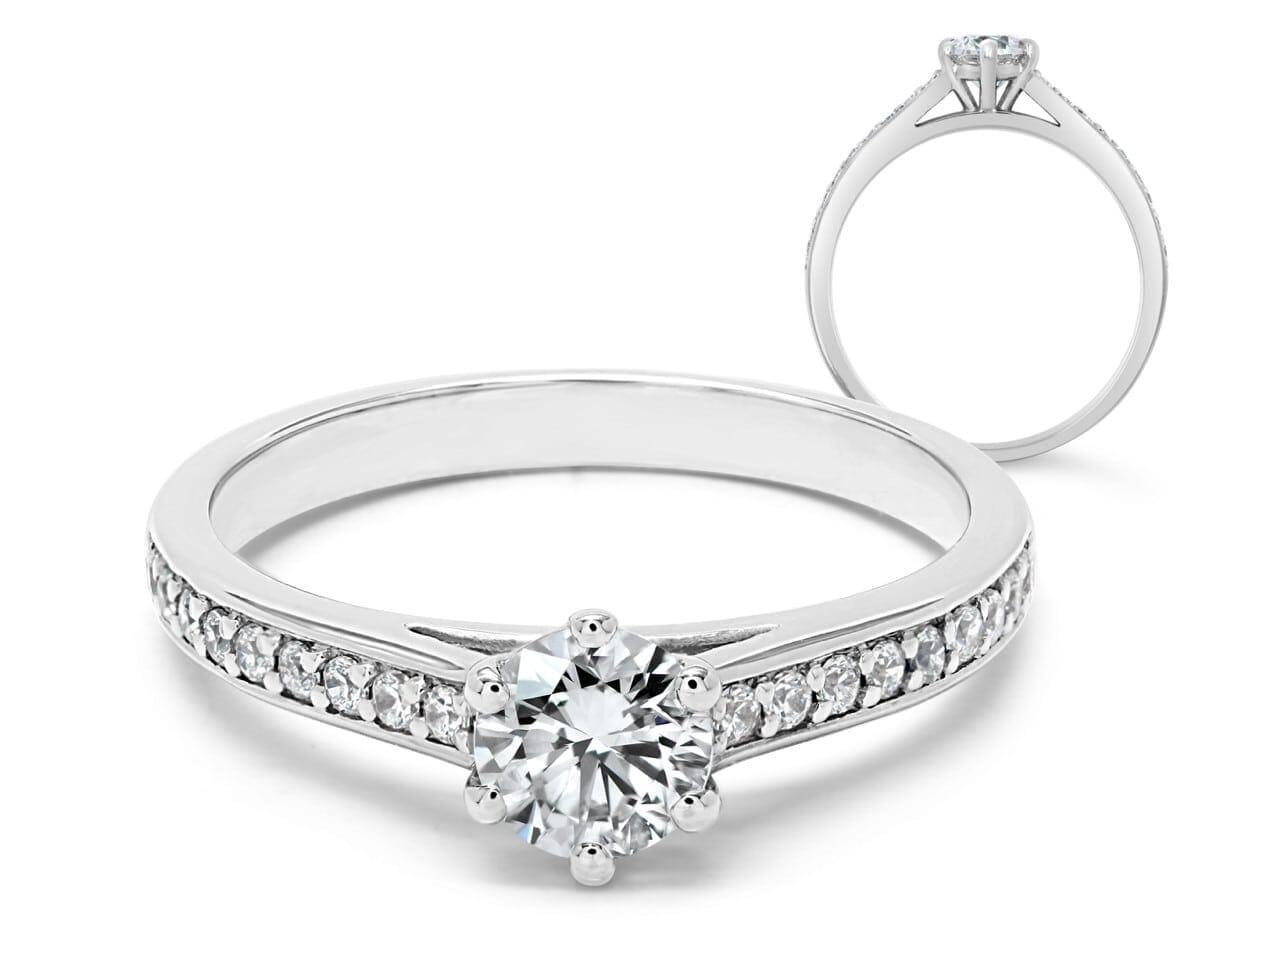 Exklusive Luxus Verlobungsringe kaufen | BREEDIA